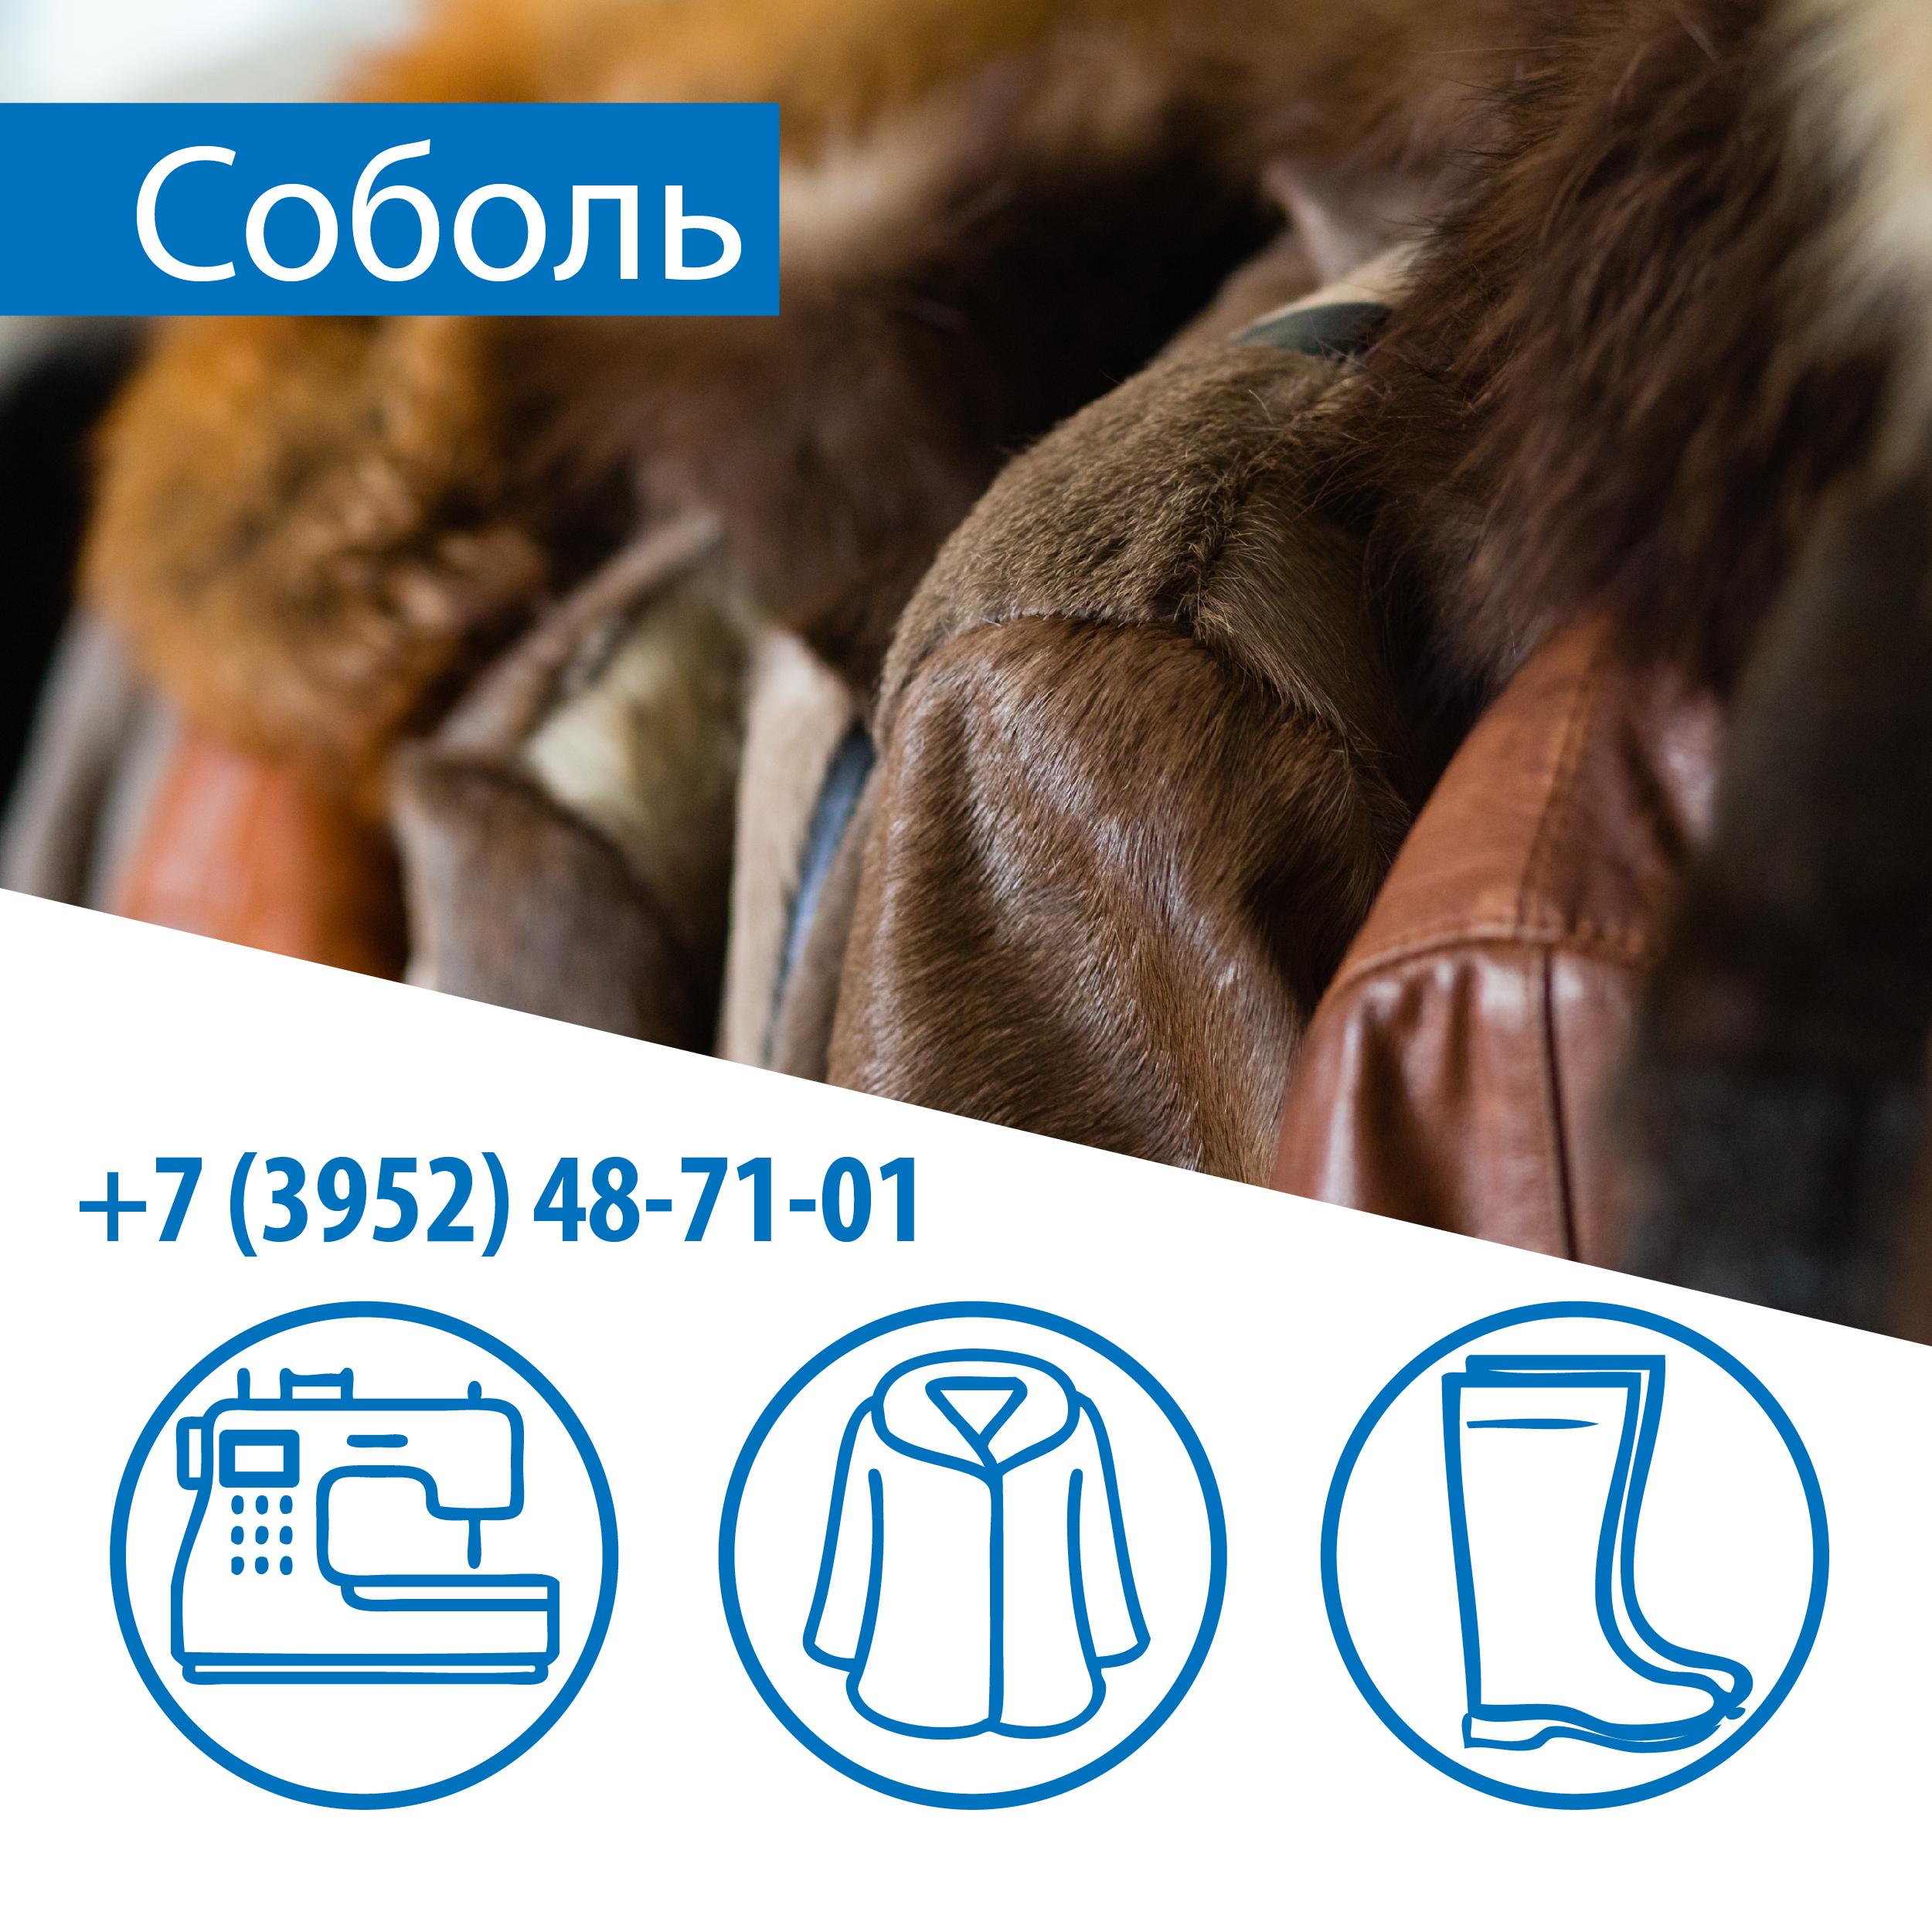 Соболь-02